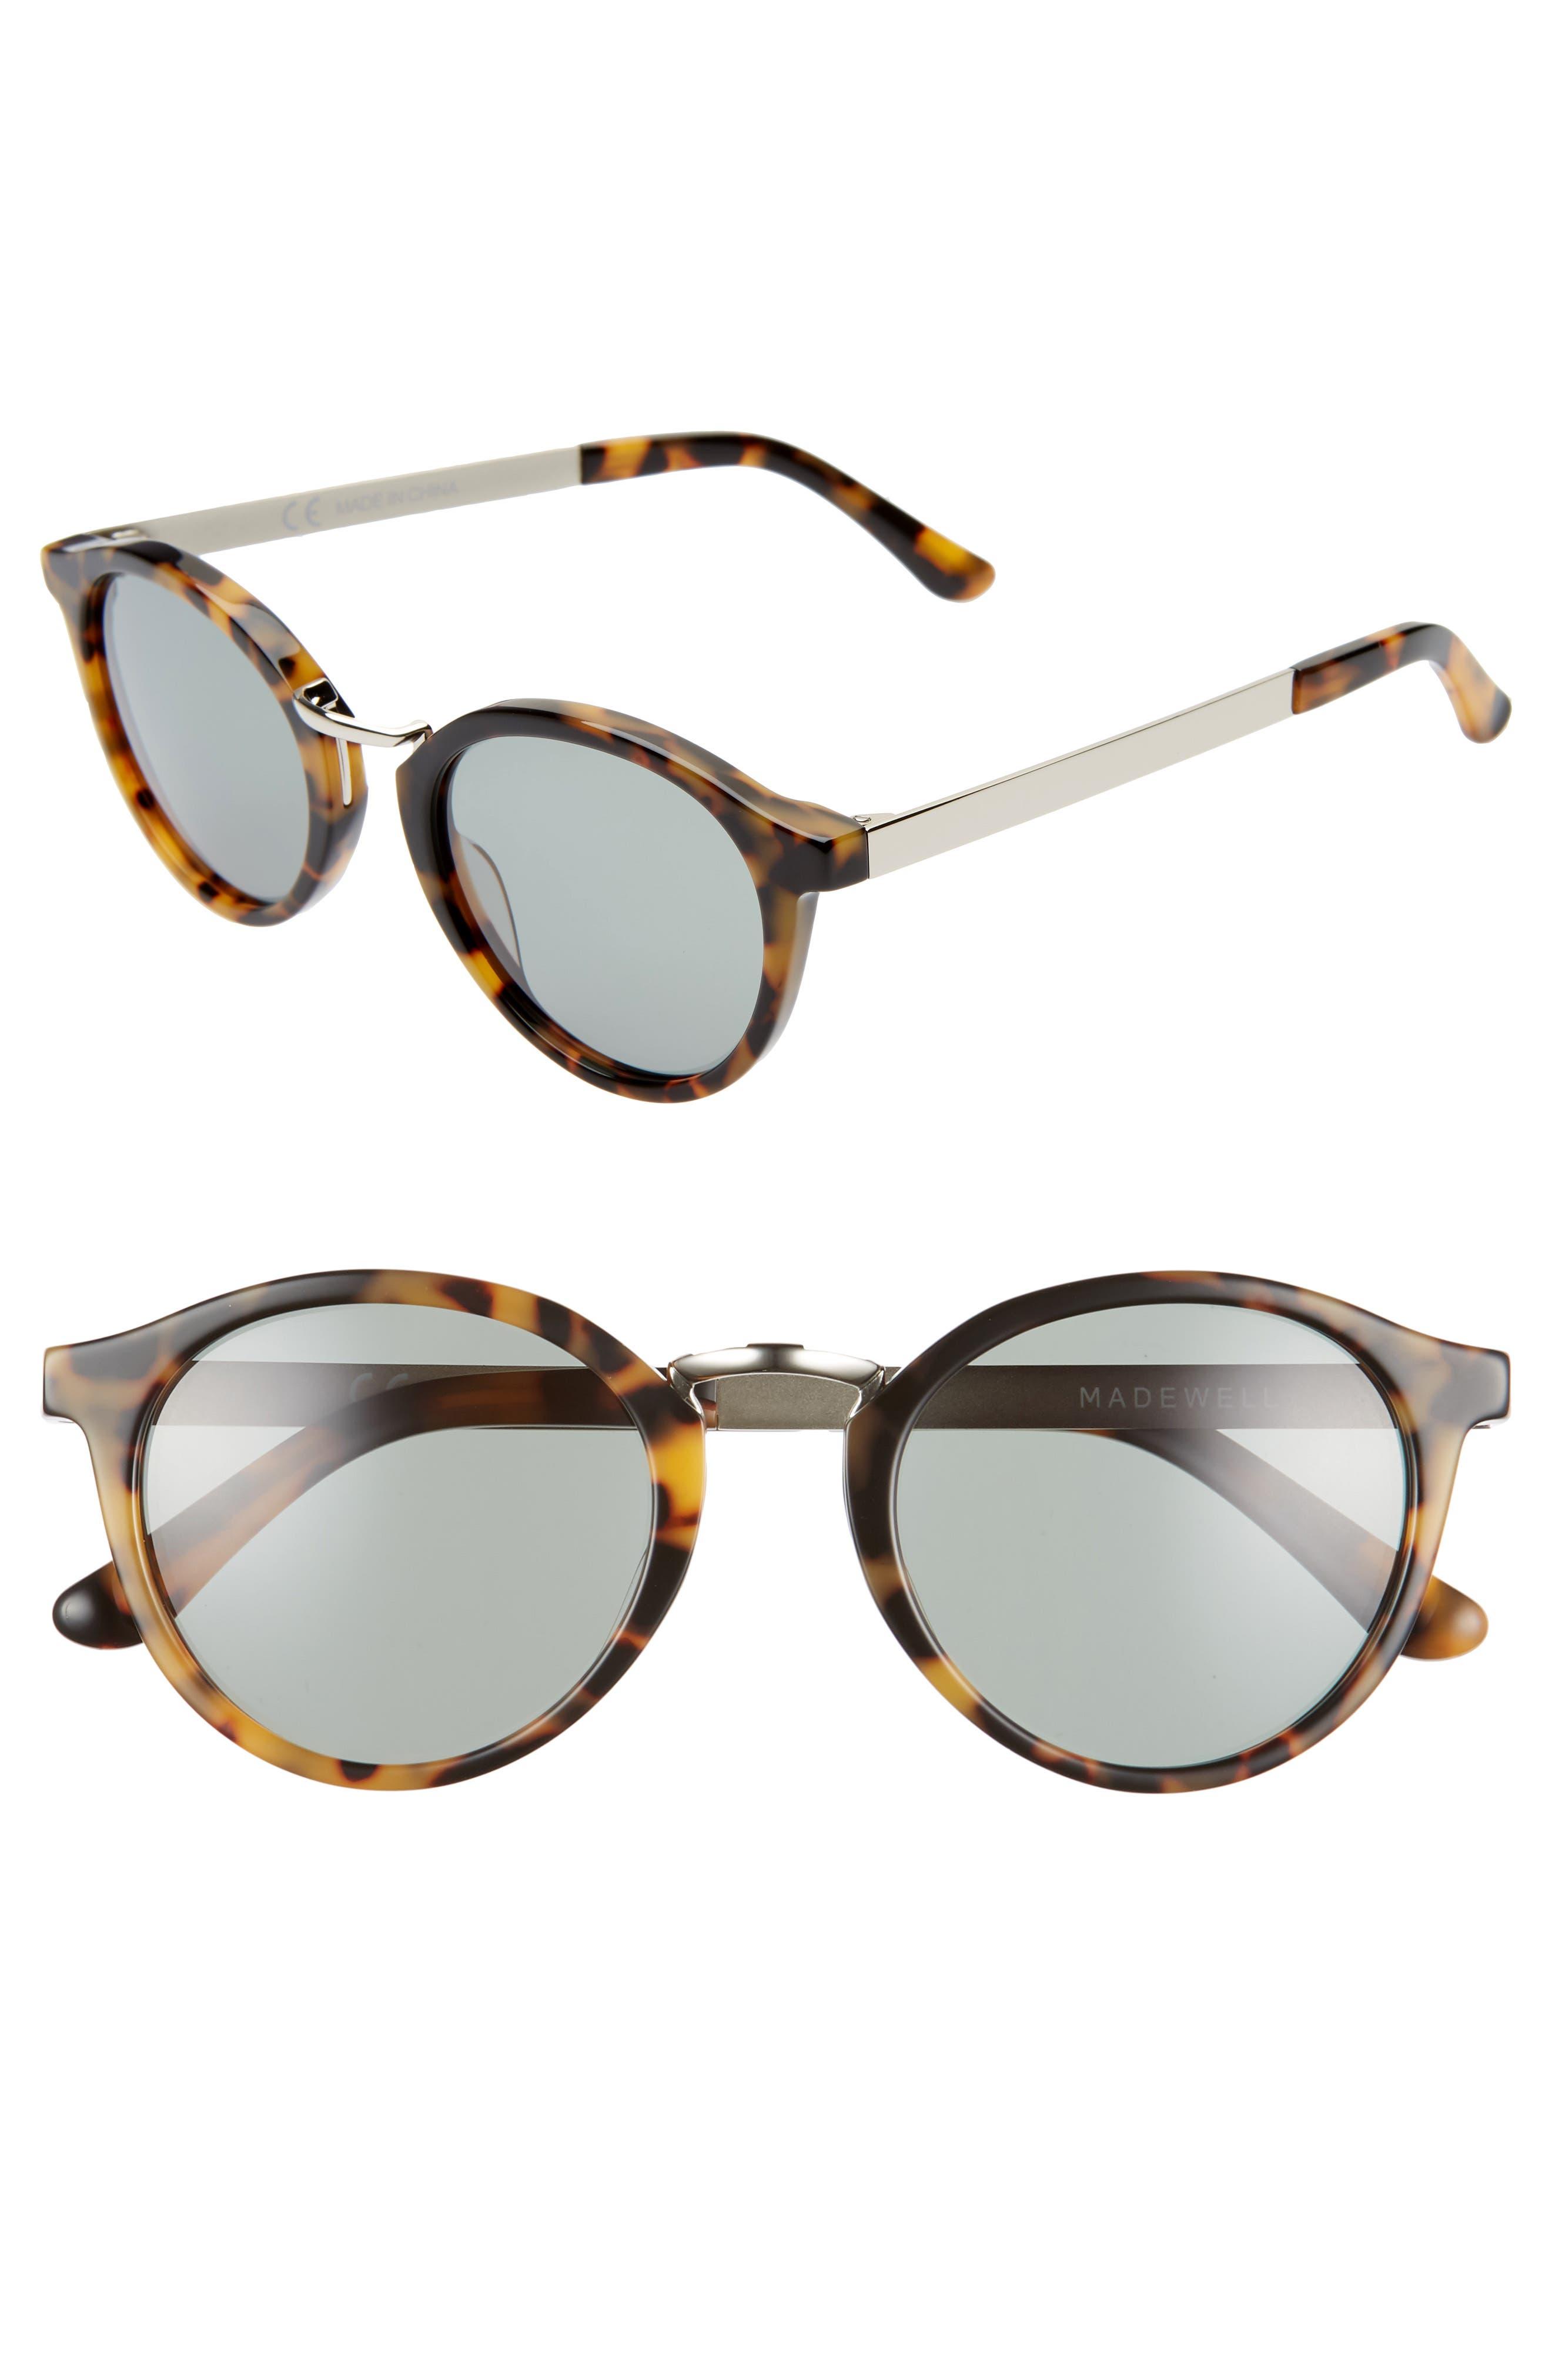 Madewell Indio 4m Round Sunglasses - Demi Tortoise